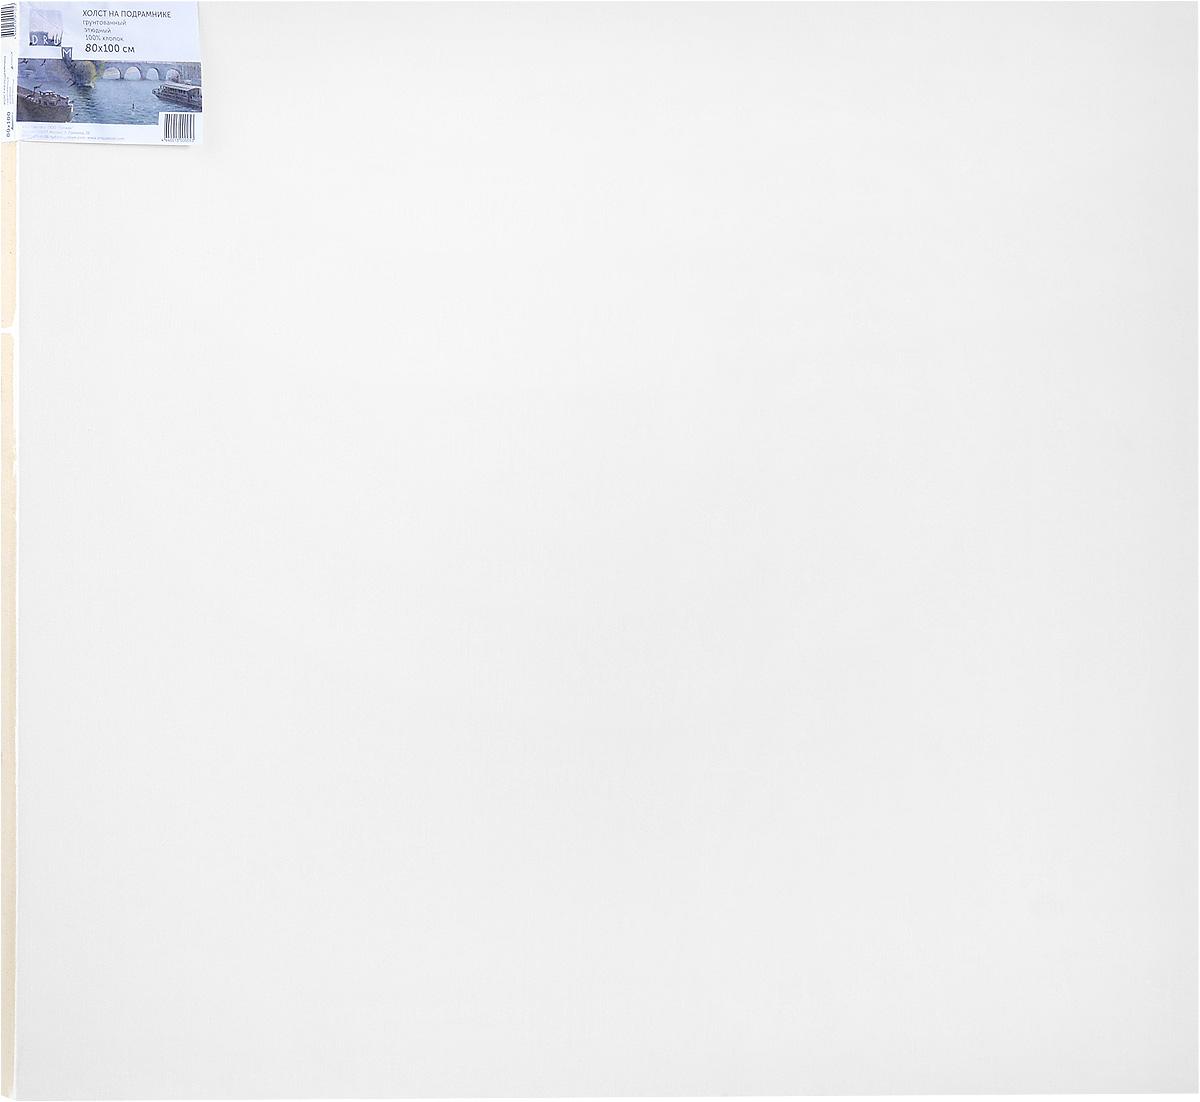 Холст ArtQuaDram Этюдный на подрамнике, грунтованный, 80 х 100 смТ0015364Холст на деревянном подрамнике ArtQuaDram Этюдный изготовлен из 100% натурального хлопка. Подходит для профессионалов и художников. Холст не трескается, не впитывает слишком много краски, цвет краски и качество не изменяются. Холст идеально подходит для масляной и акриловой живописи.